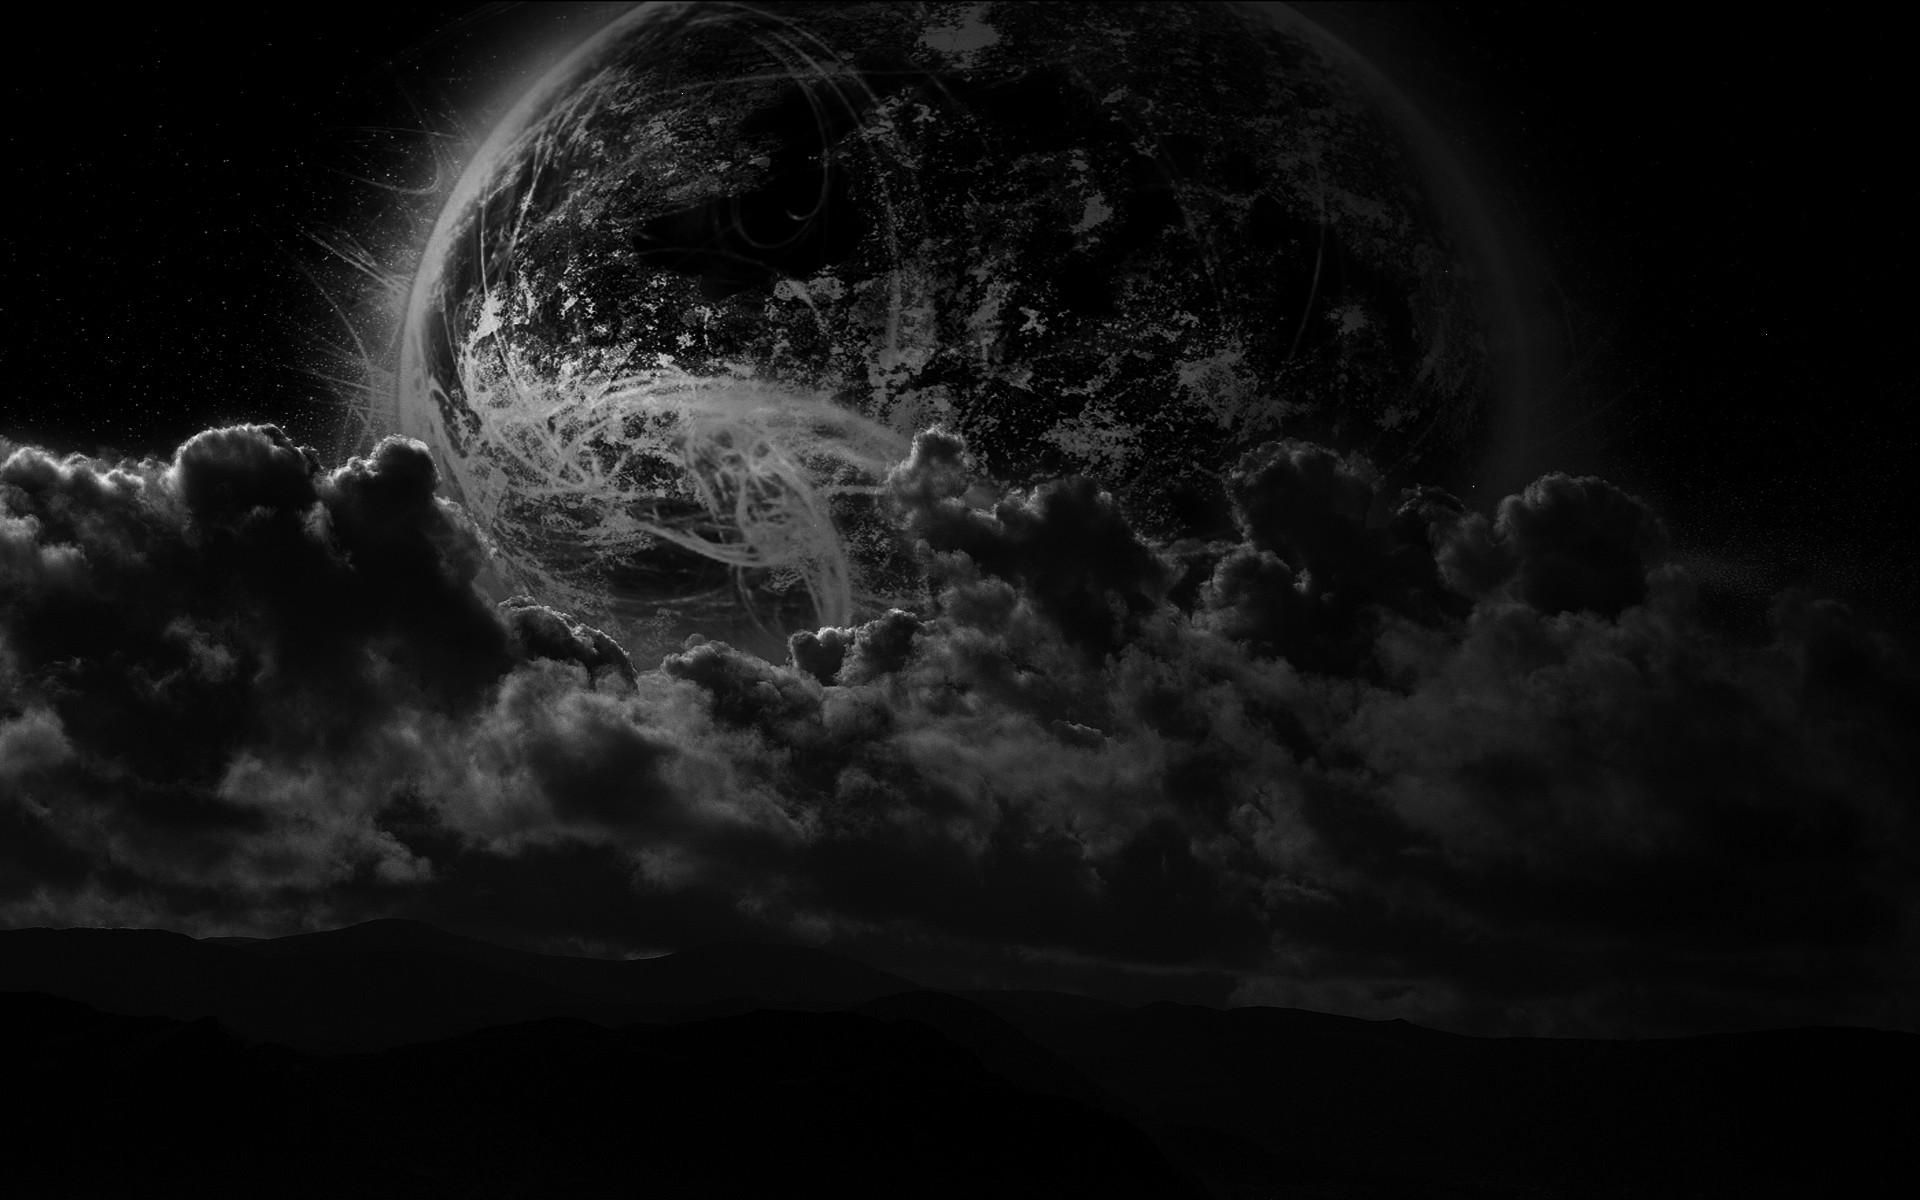 Cthulhu Awakens - Animation - YouTube